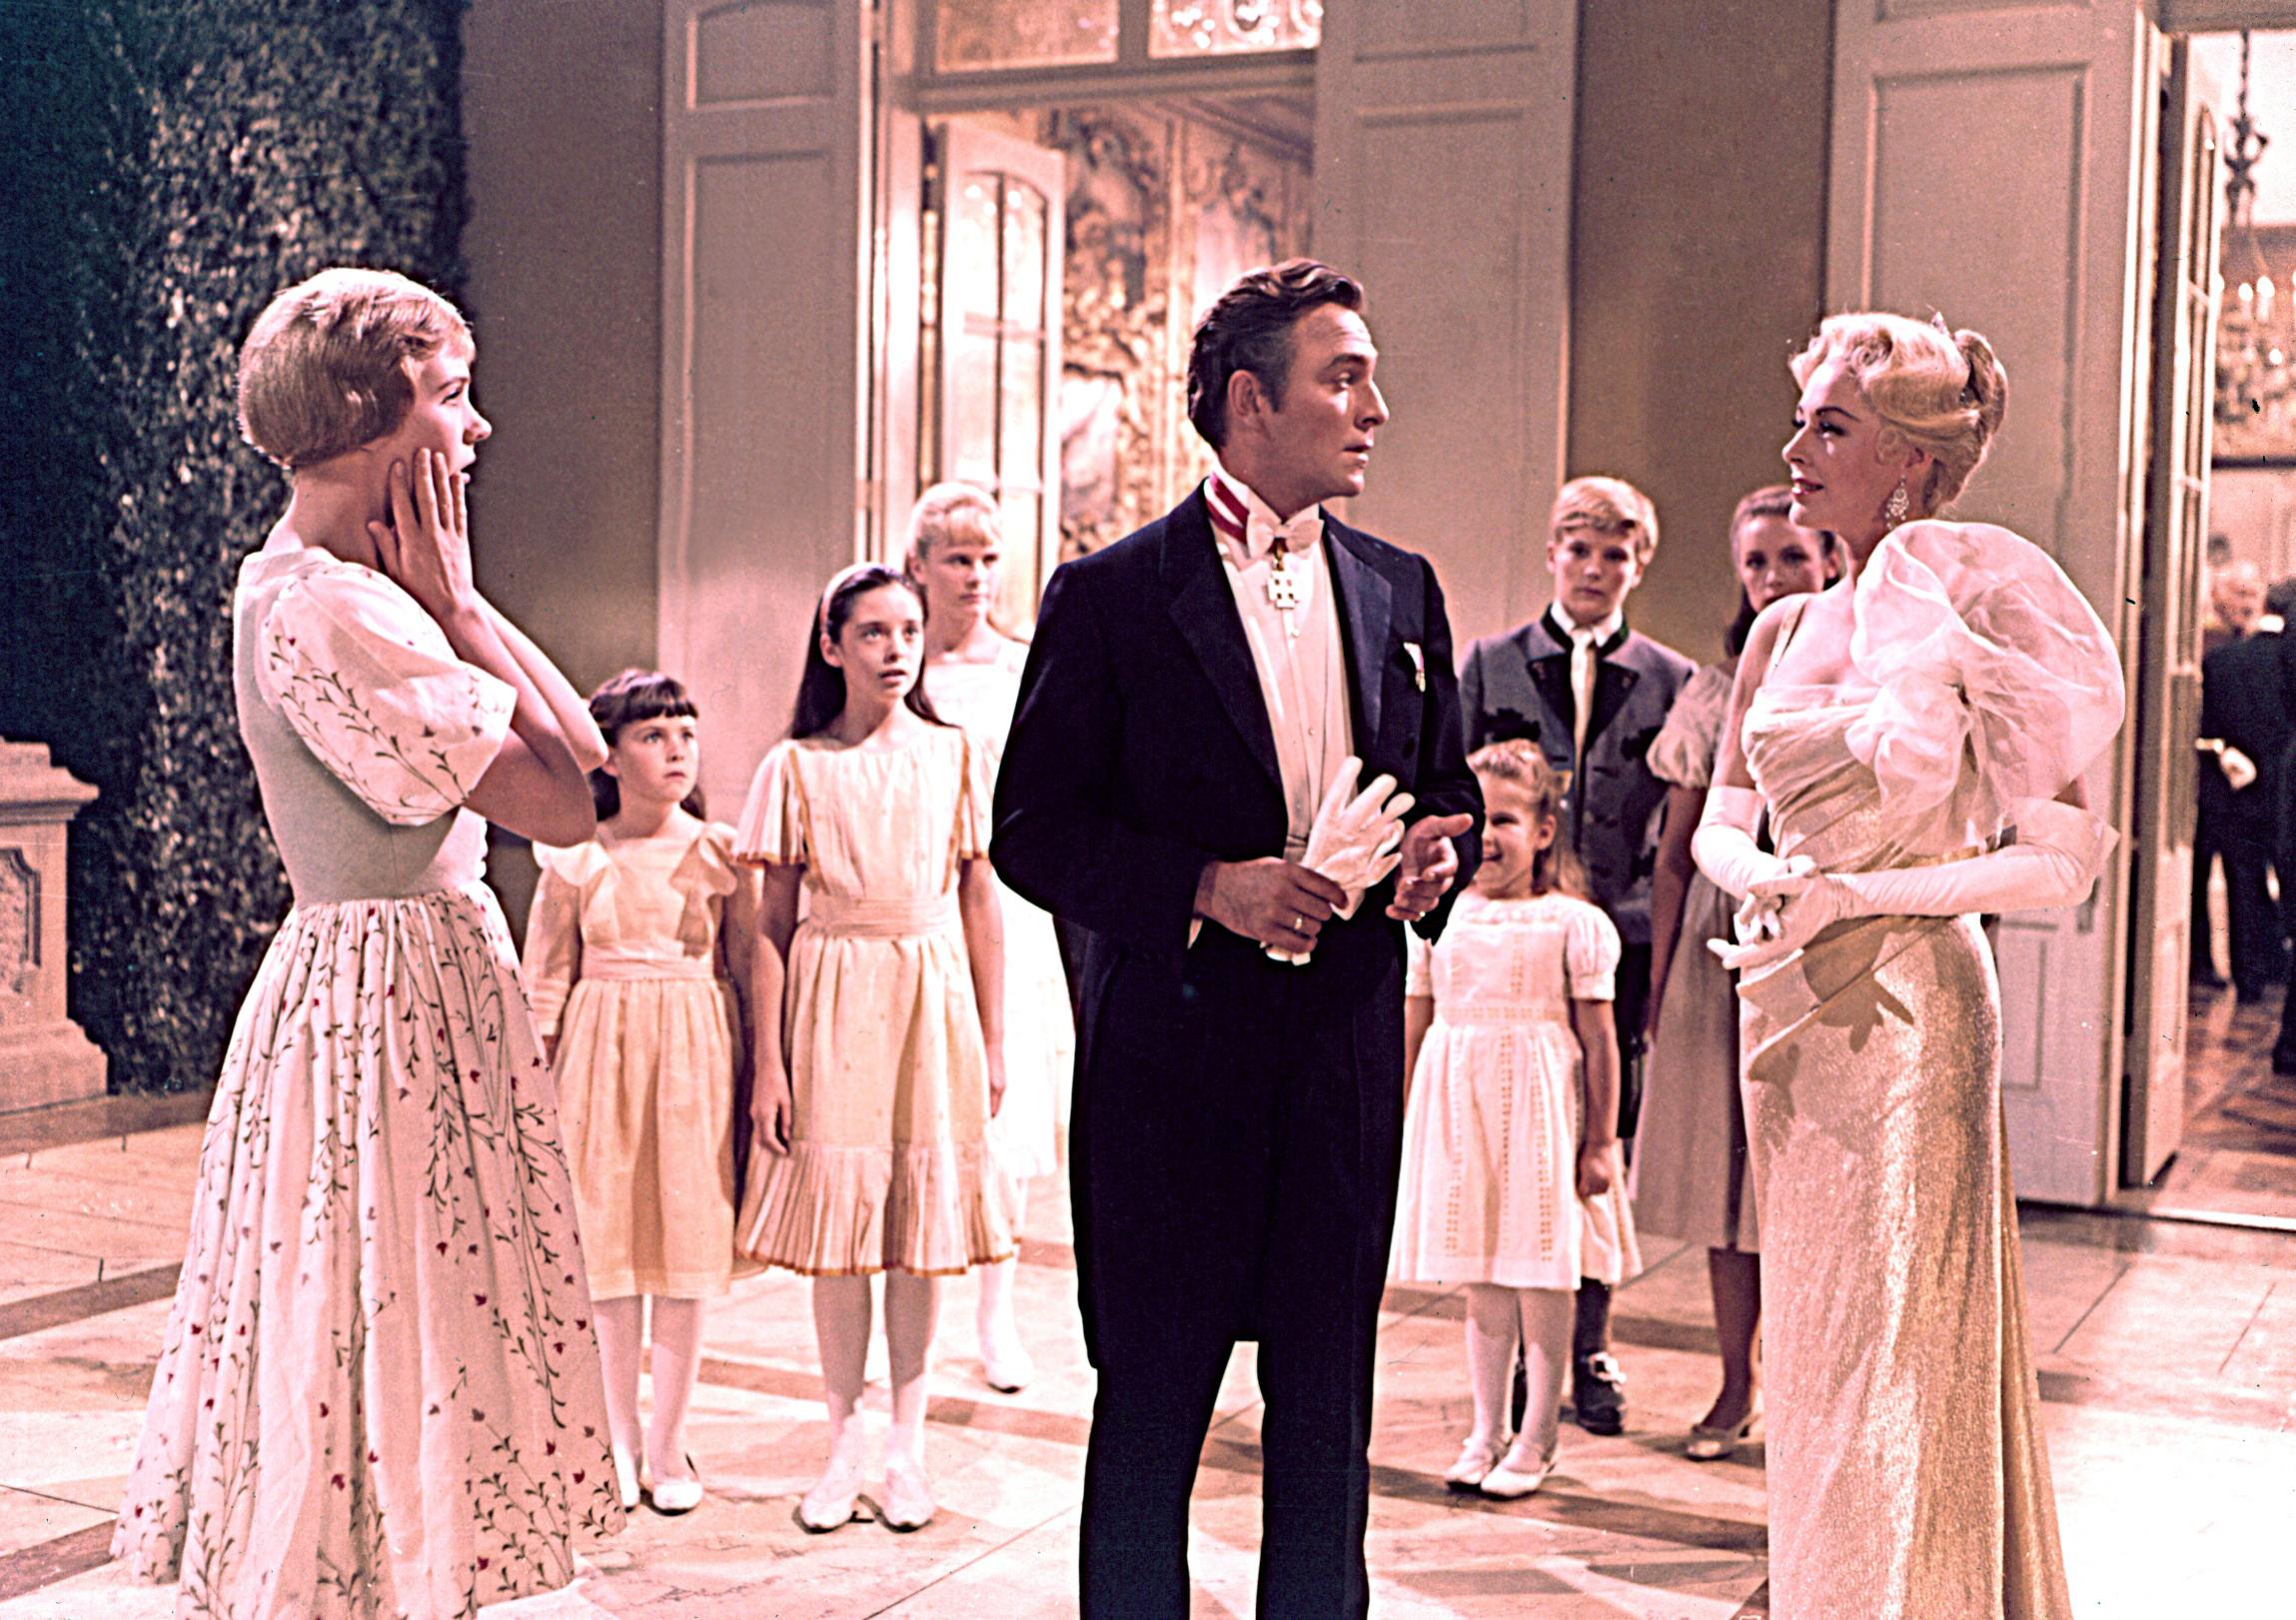 maria sound of music wedding dress. maria von trapp wedding